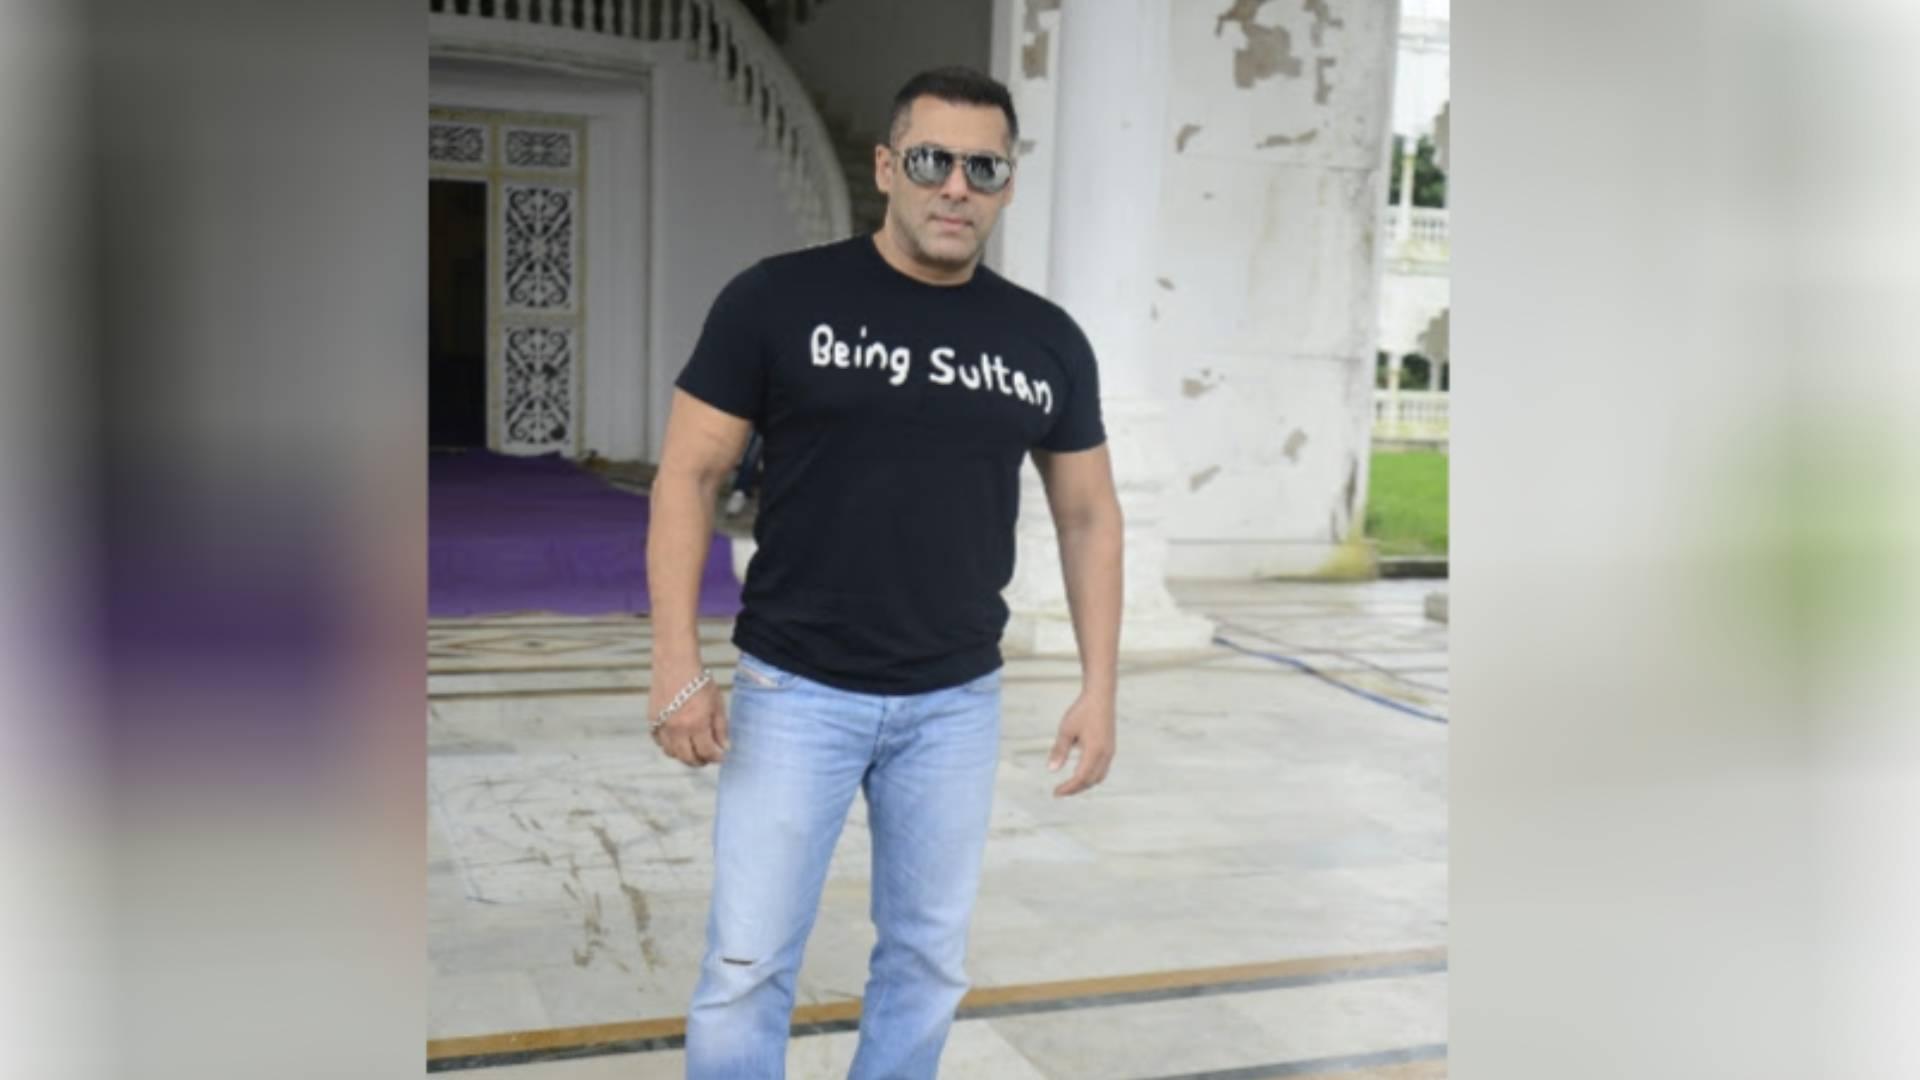 Bigg Boss 13: शो को होस्ट करने के लिए सलमान खान को मिलेंगे 403 करोड़ ! हर एपिसोड का करेंगे इतना चार्ज